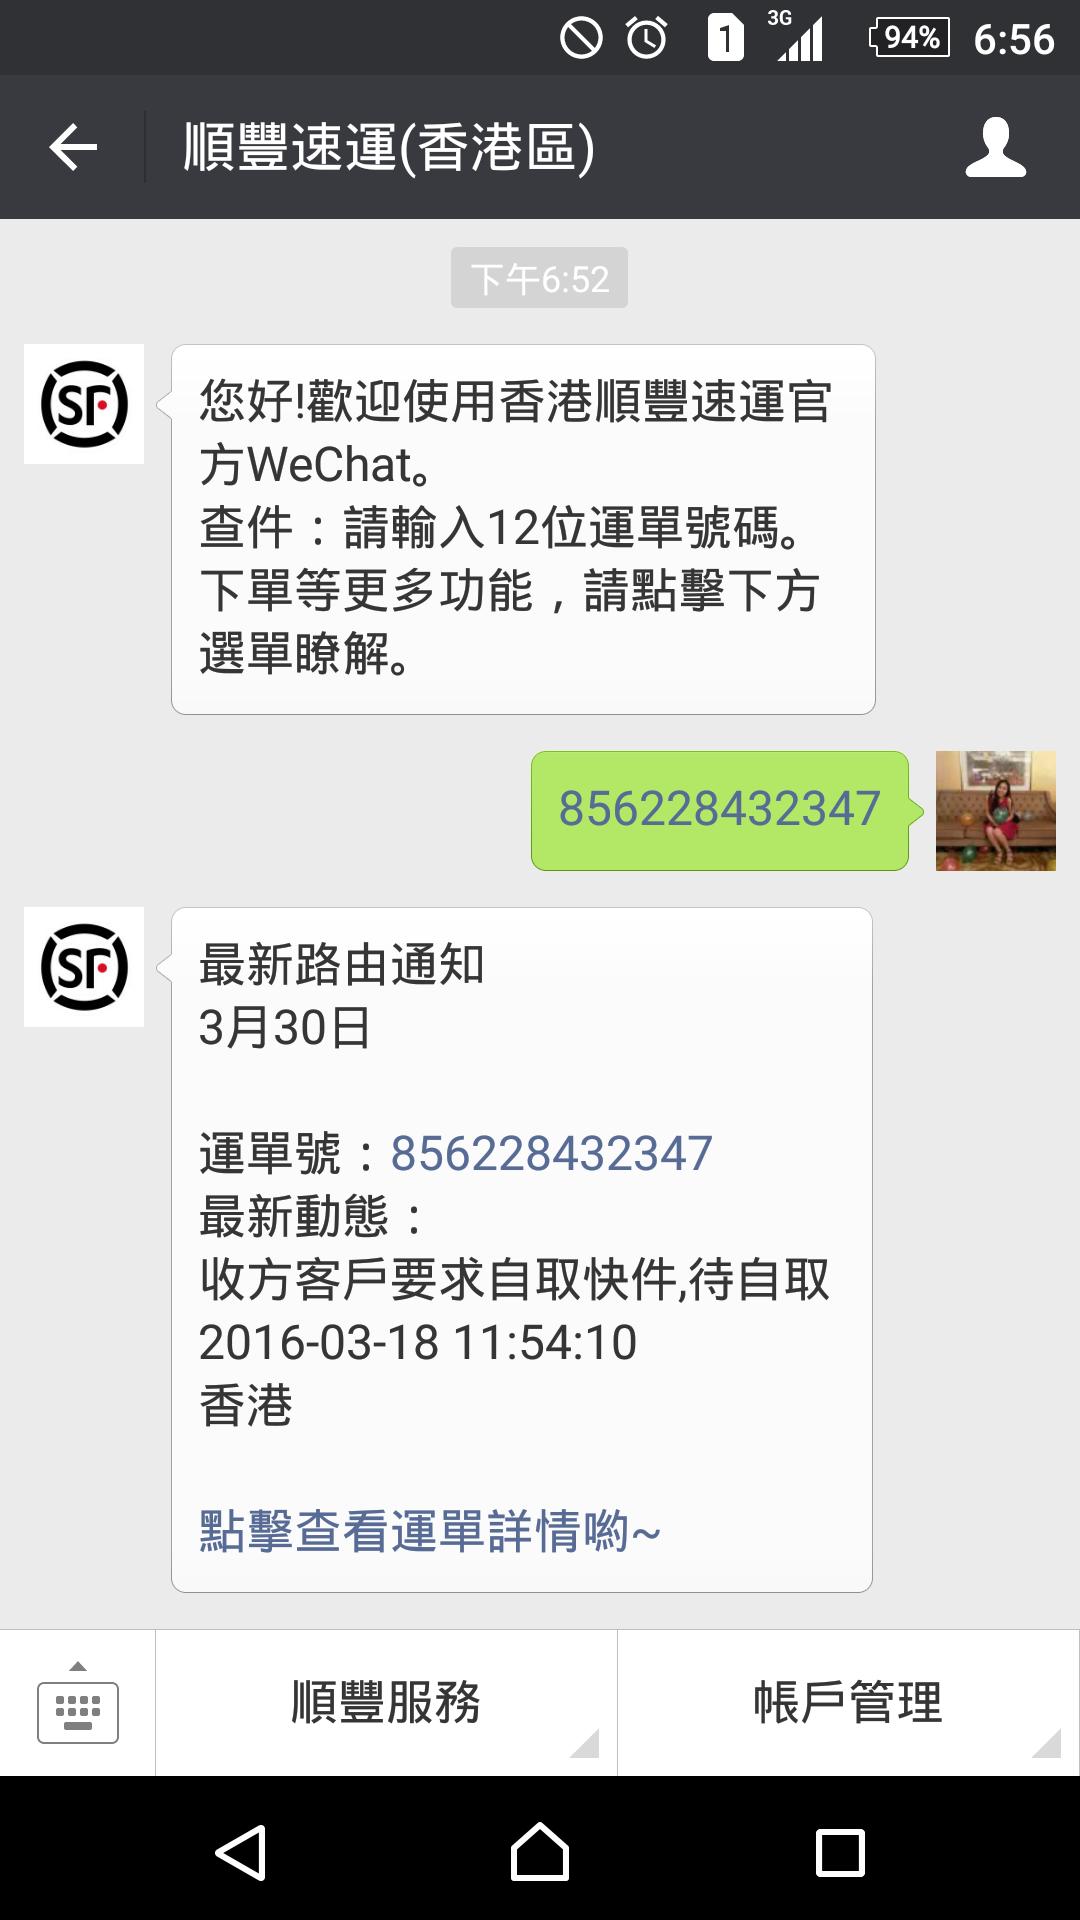 SF WeChat